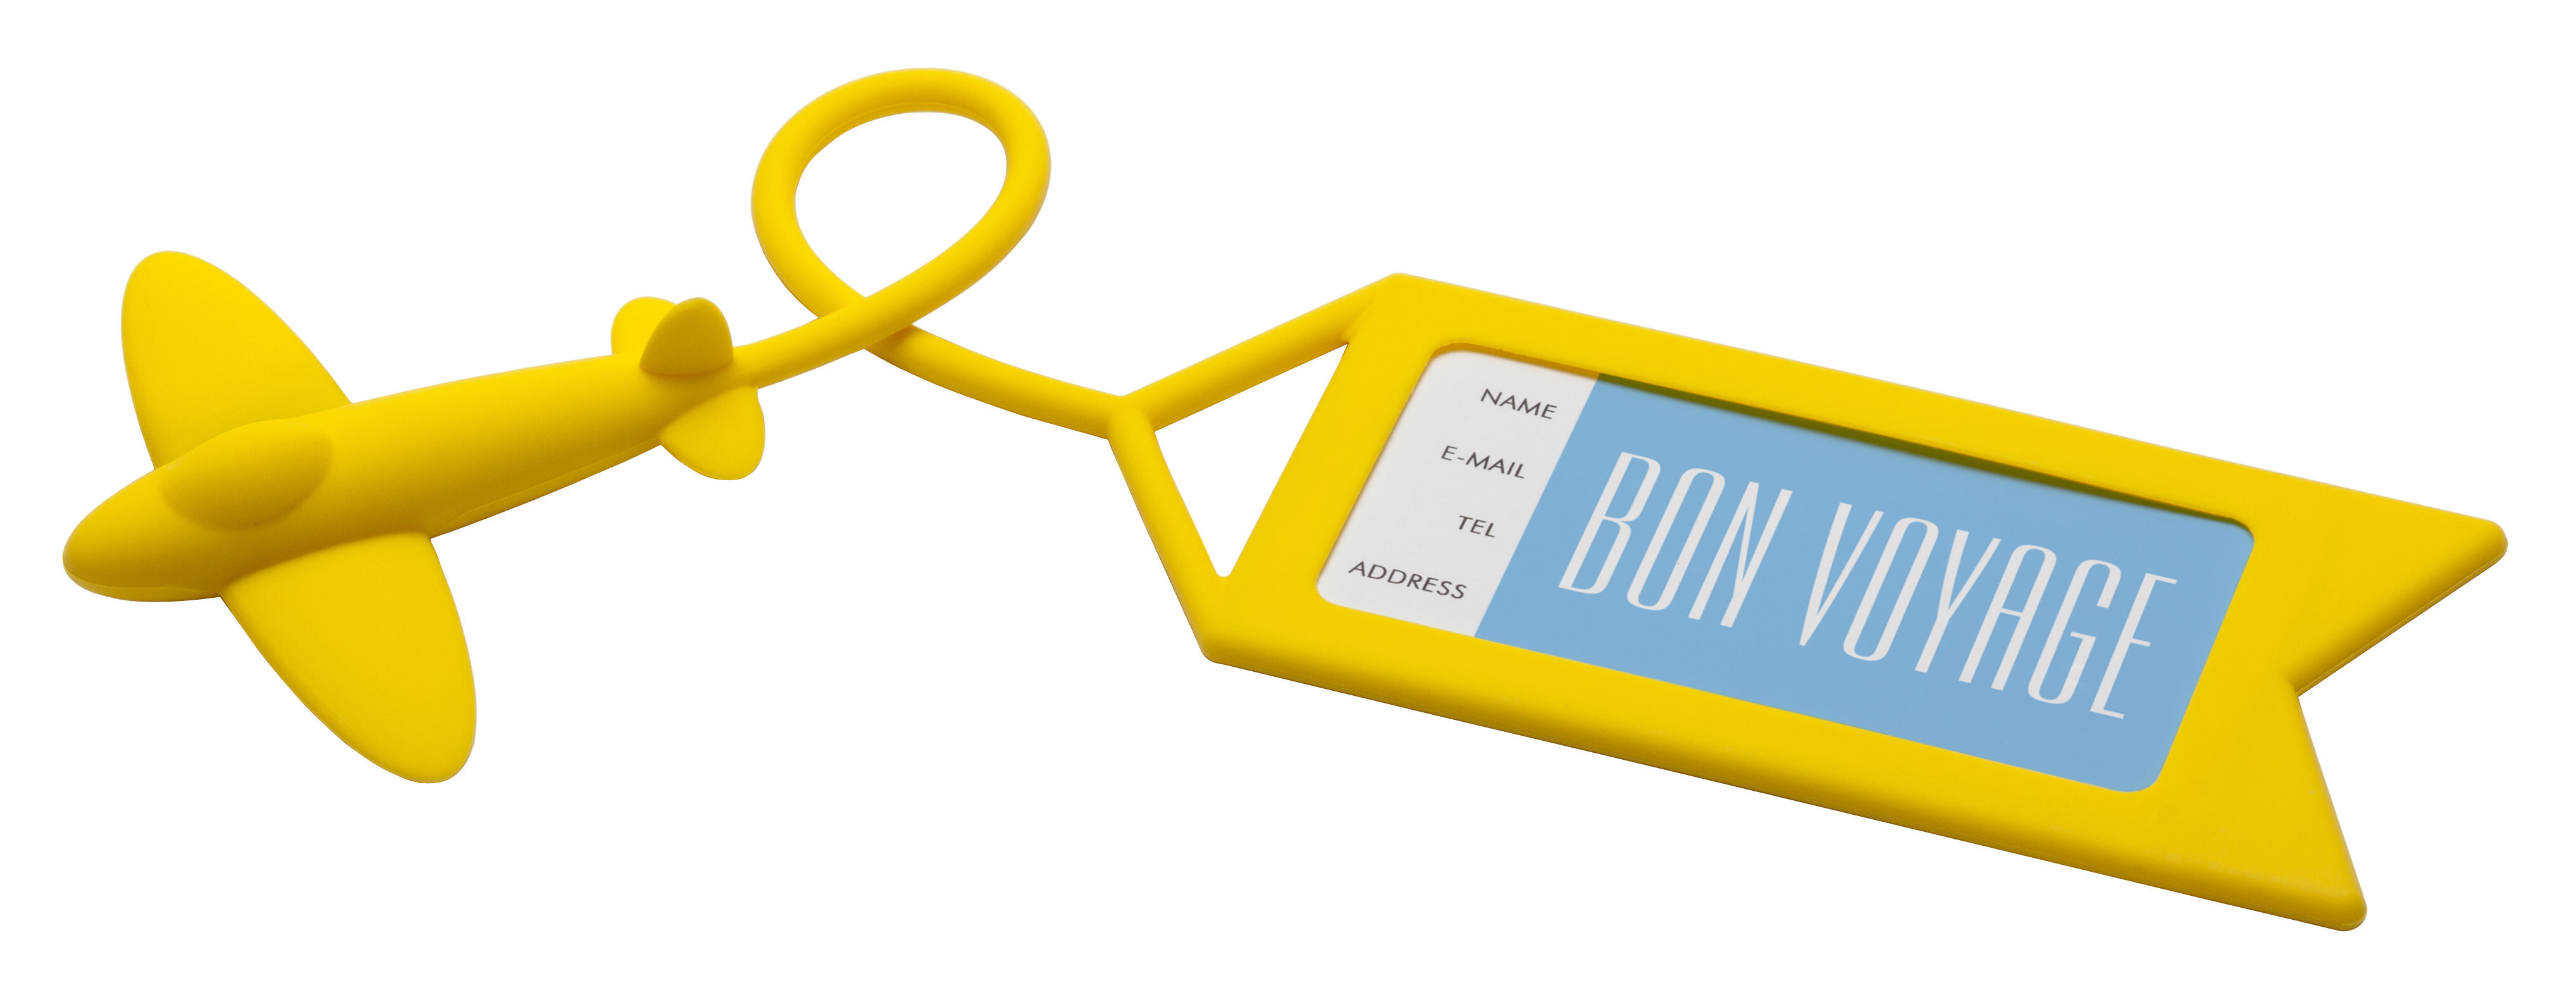 Accessoires - Taschen, Kulturbeutel und Geldbörsen - Tag me Koffer-Etikett - Pa Design - Gelb - Plastikmaterial